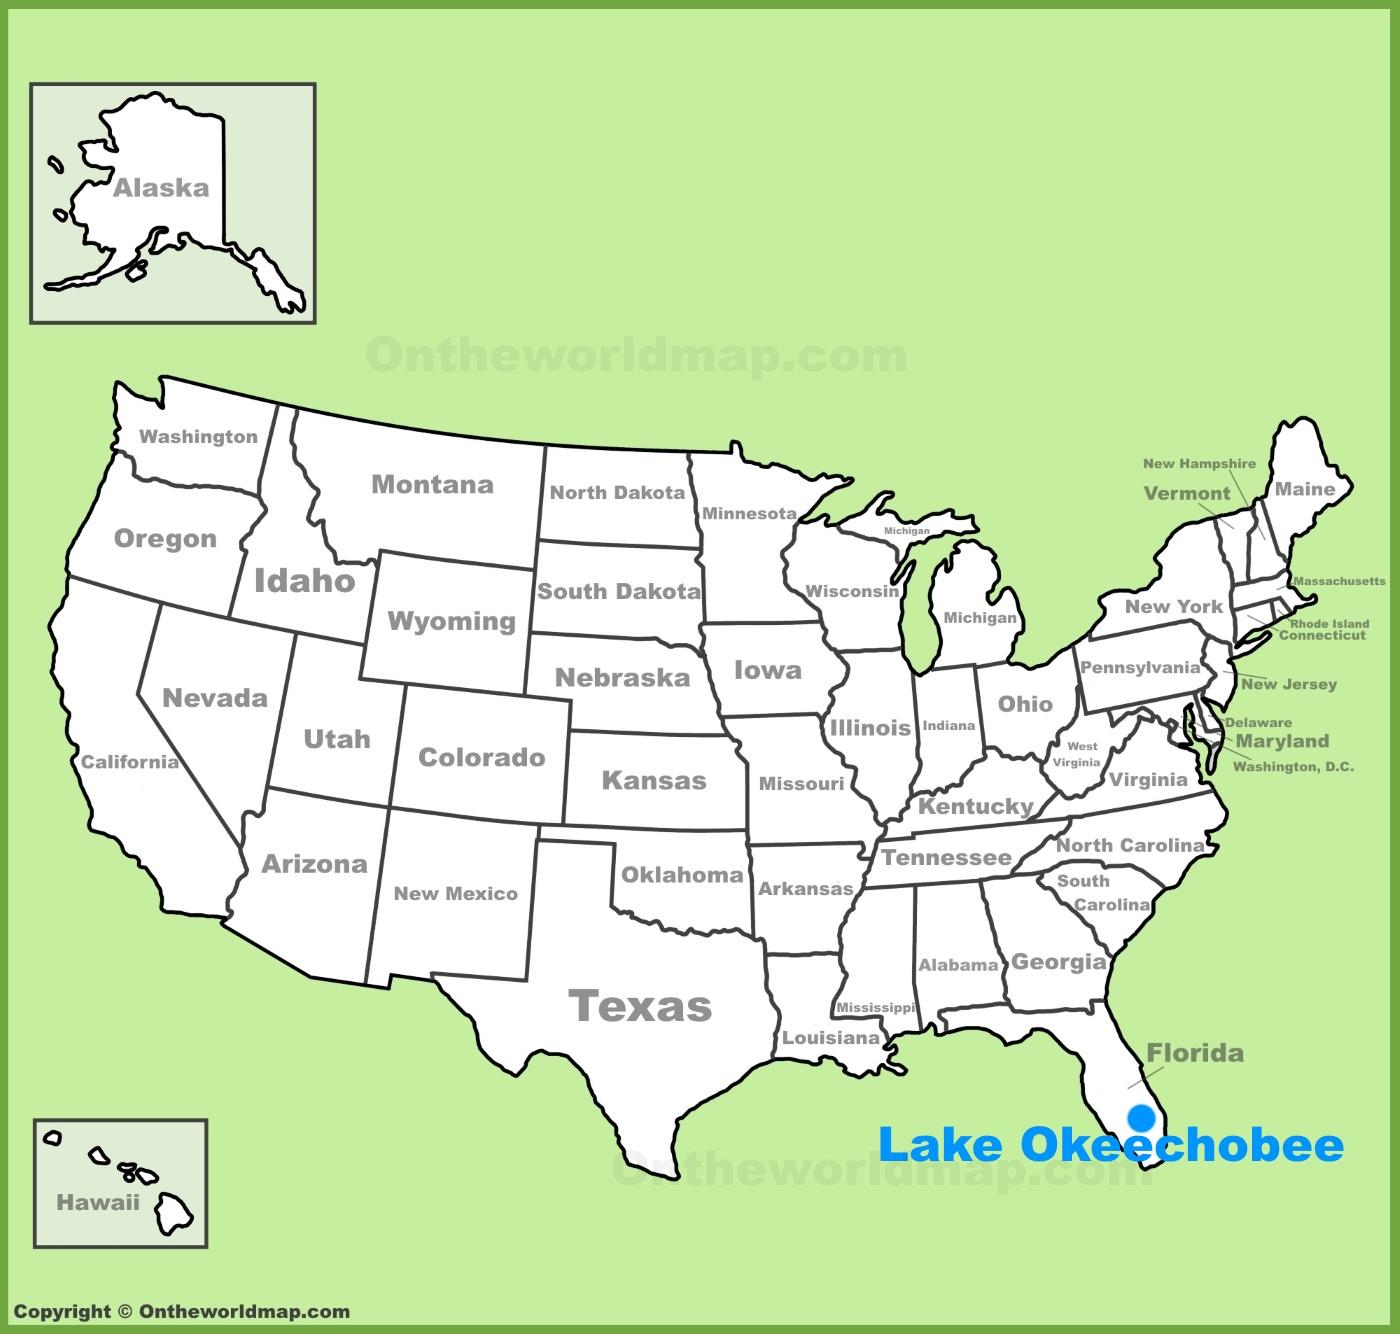 Lake Okeechobee Maps Maps of Lake Okeechobee